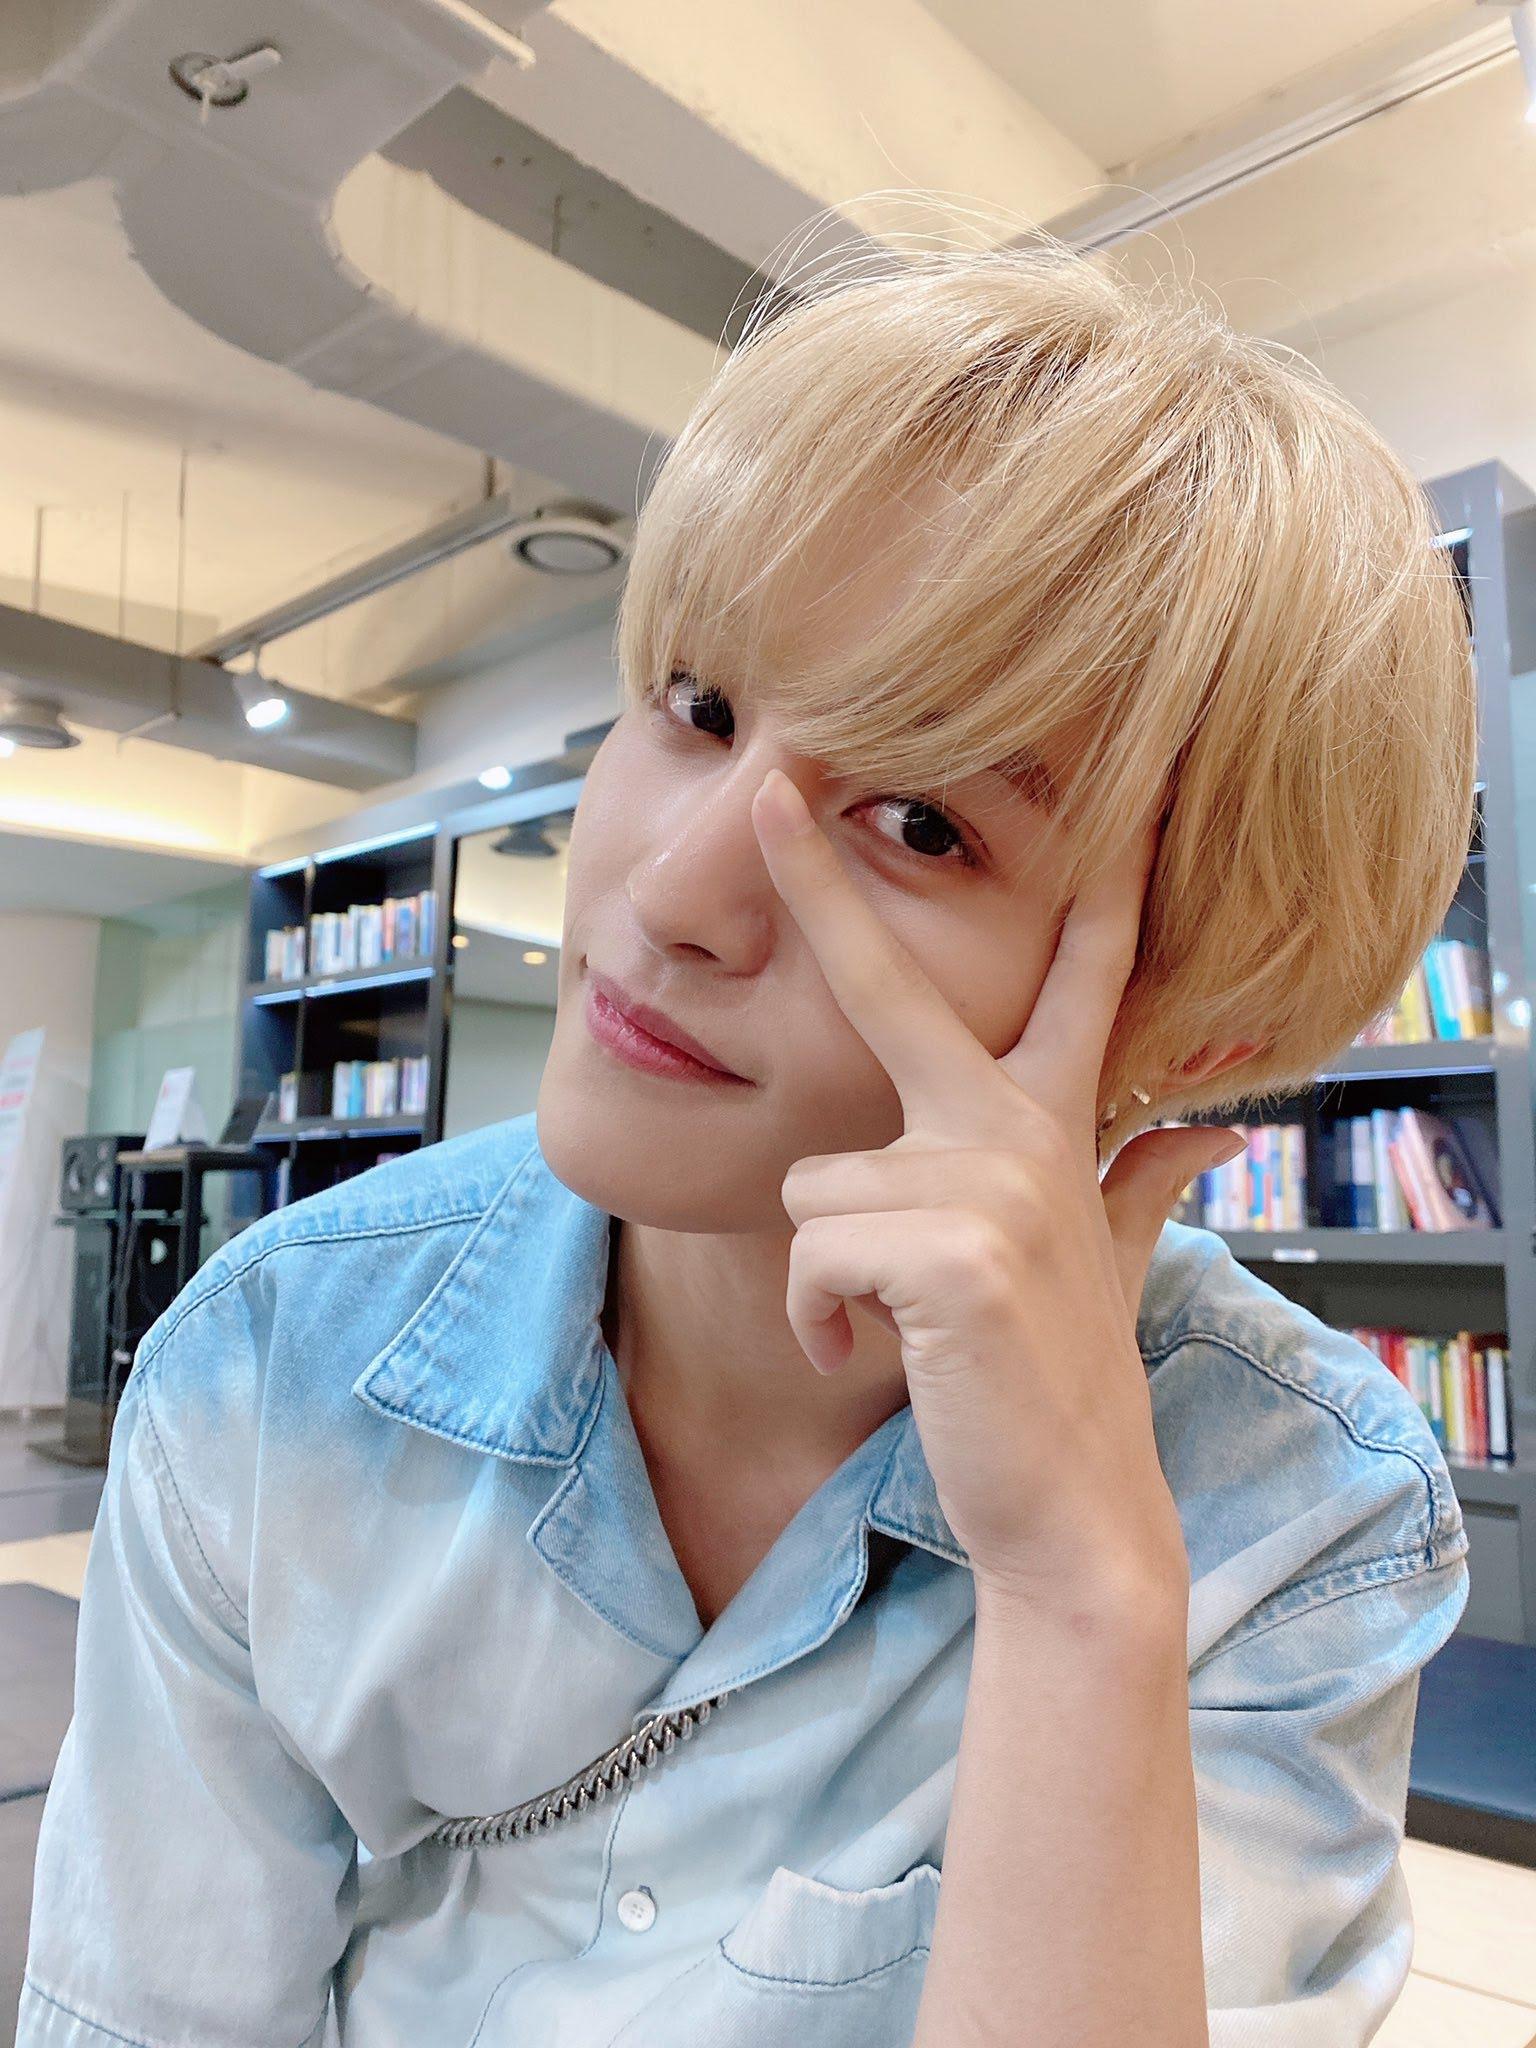 wayv nct yangyang weibo